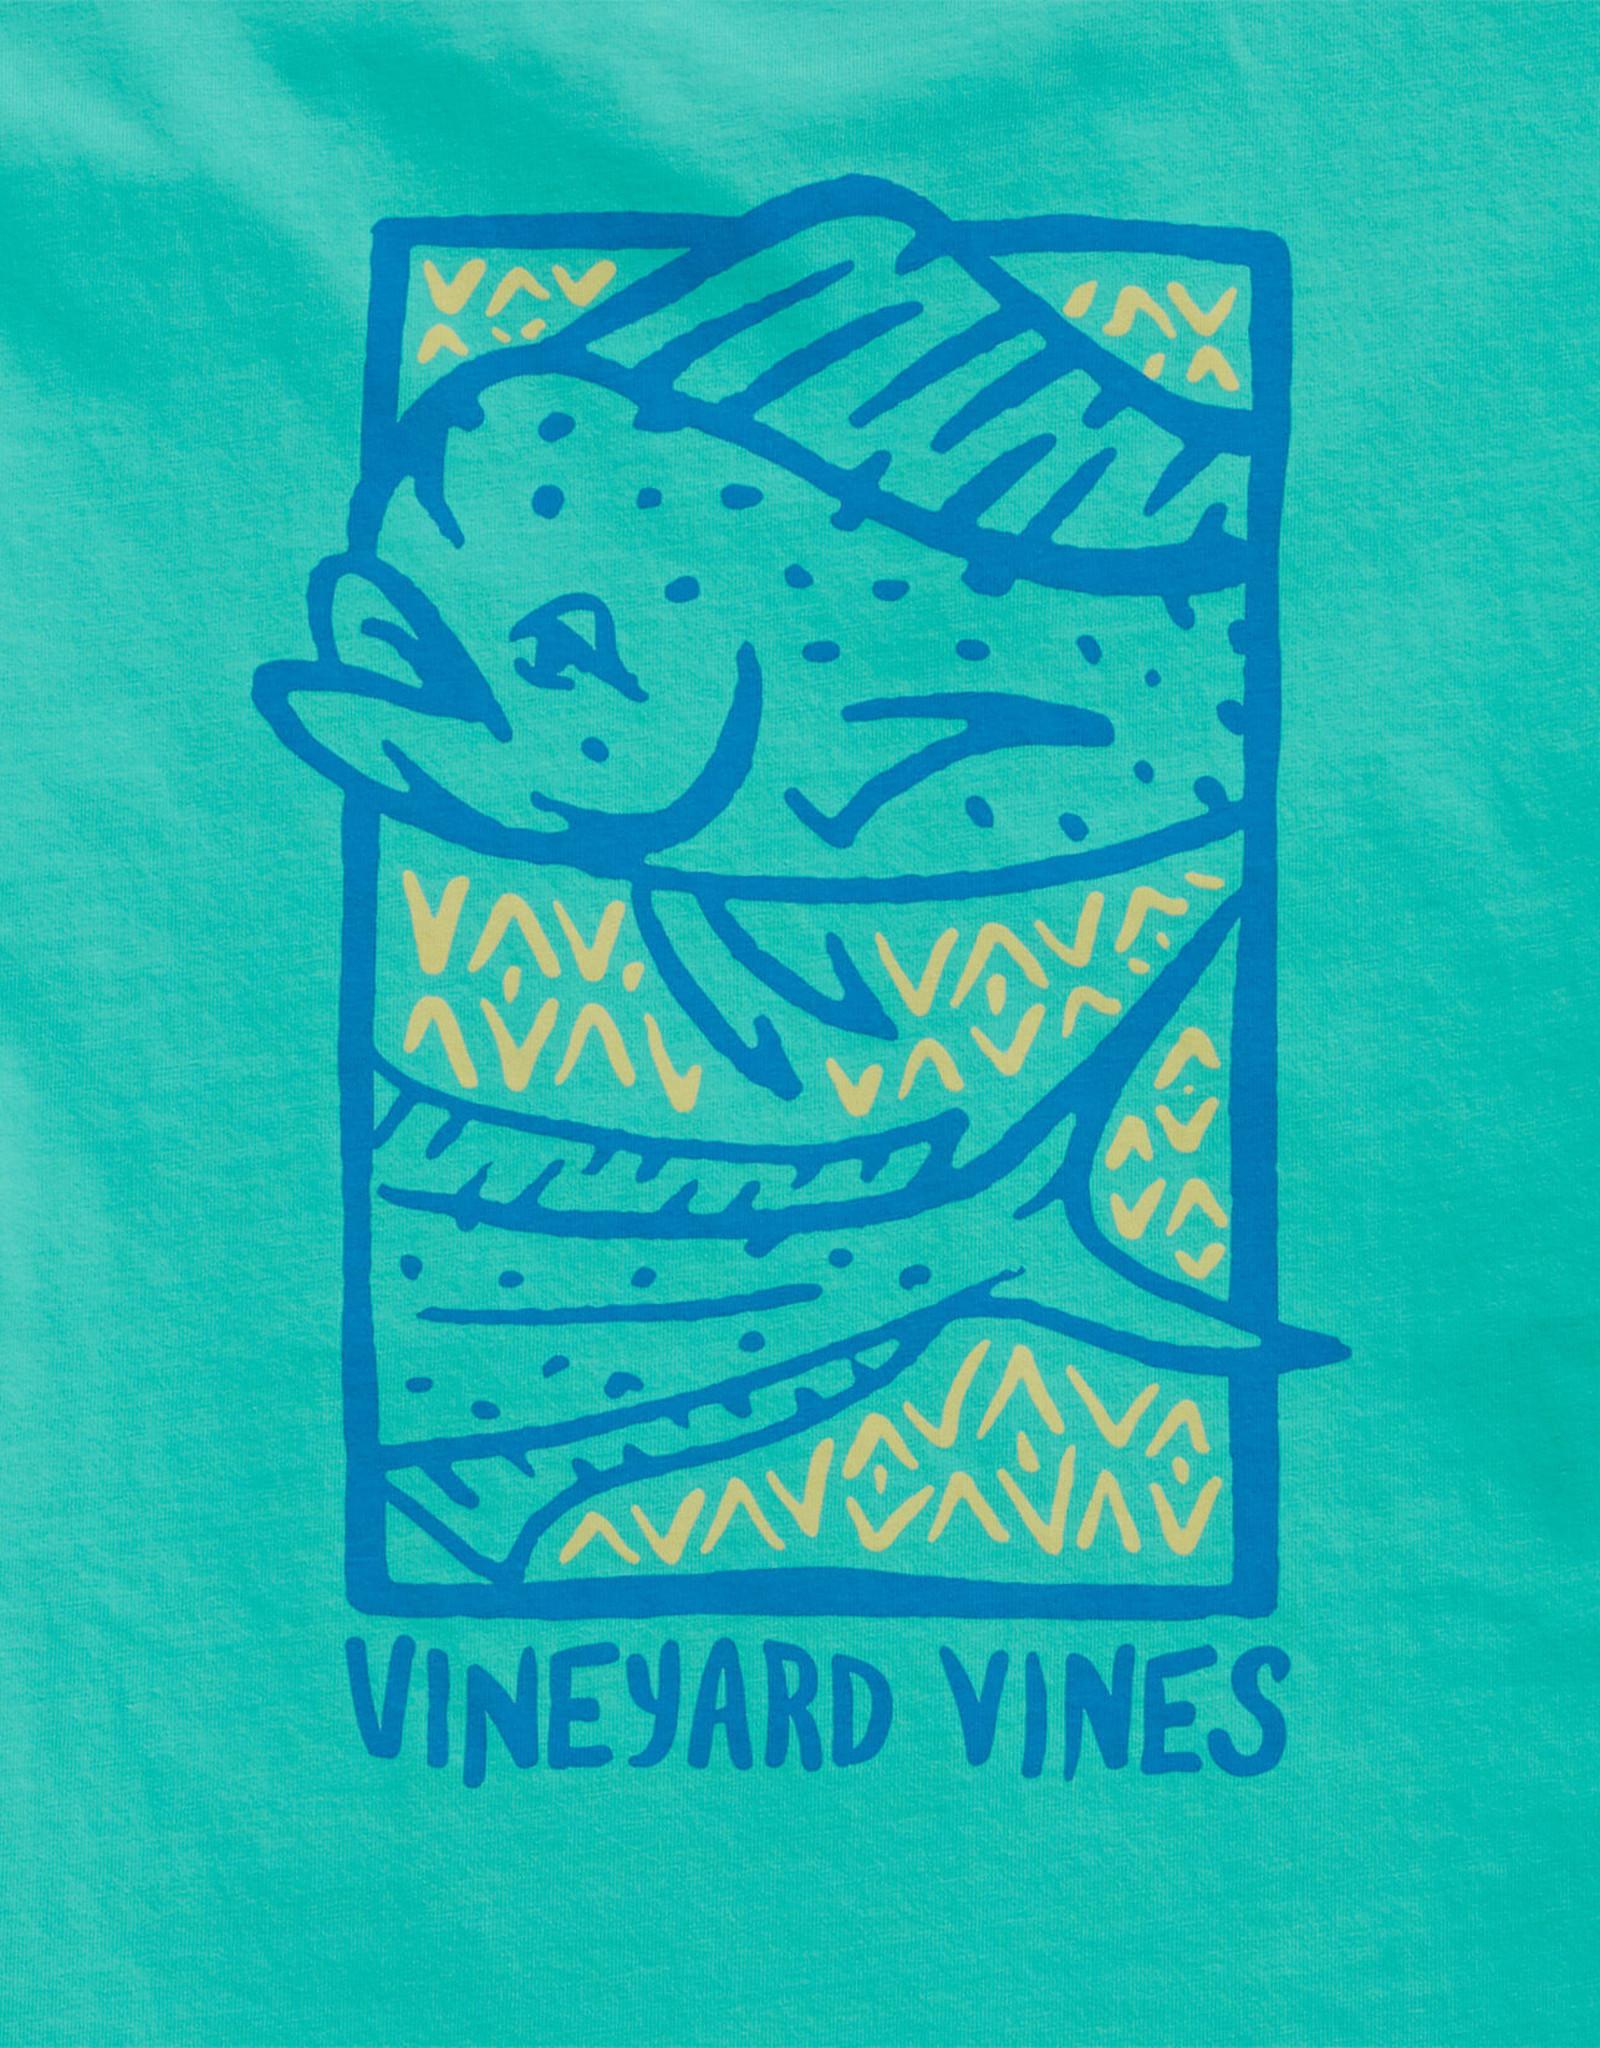 Vineyard Vines Mahi Mahi Tee